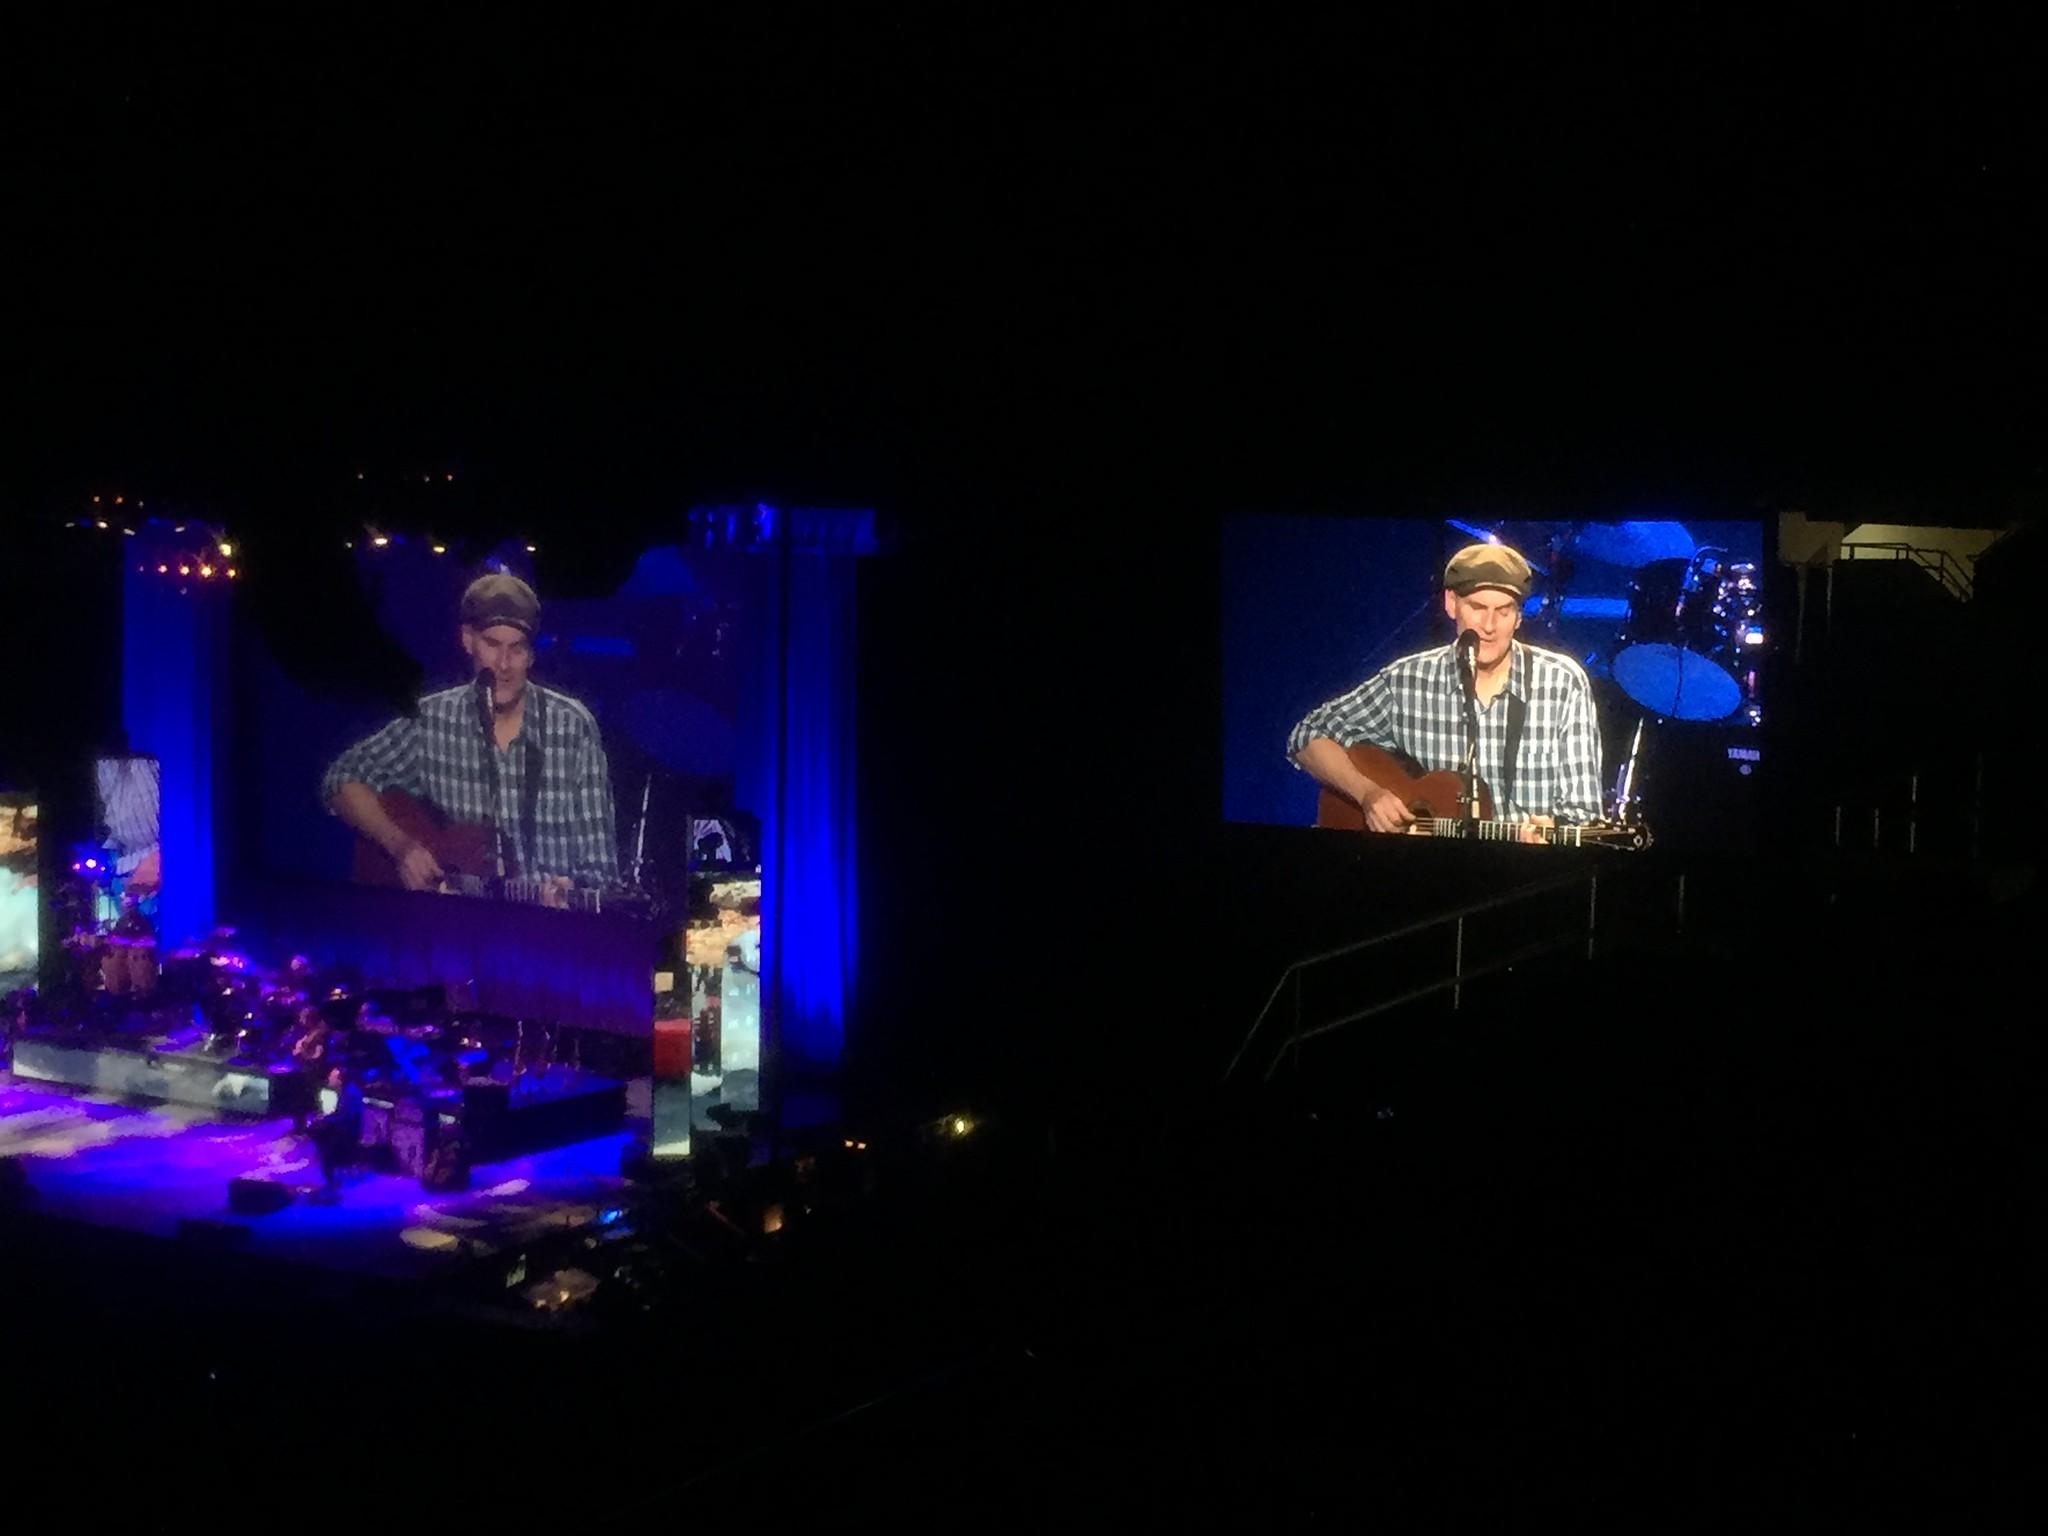 JT in Concert